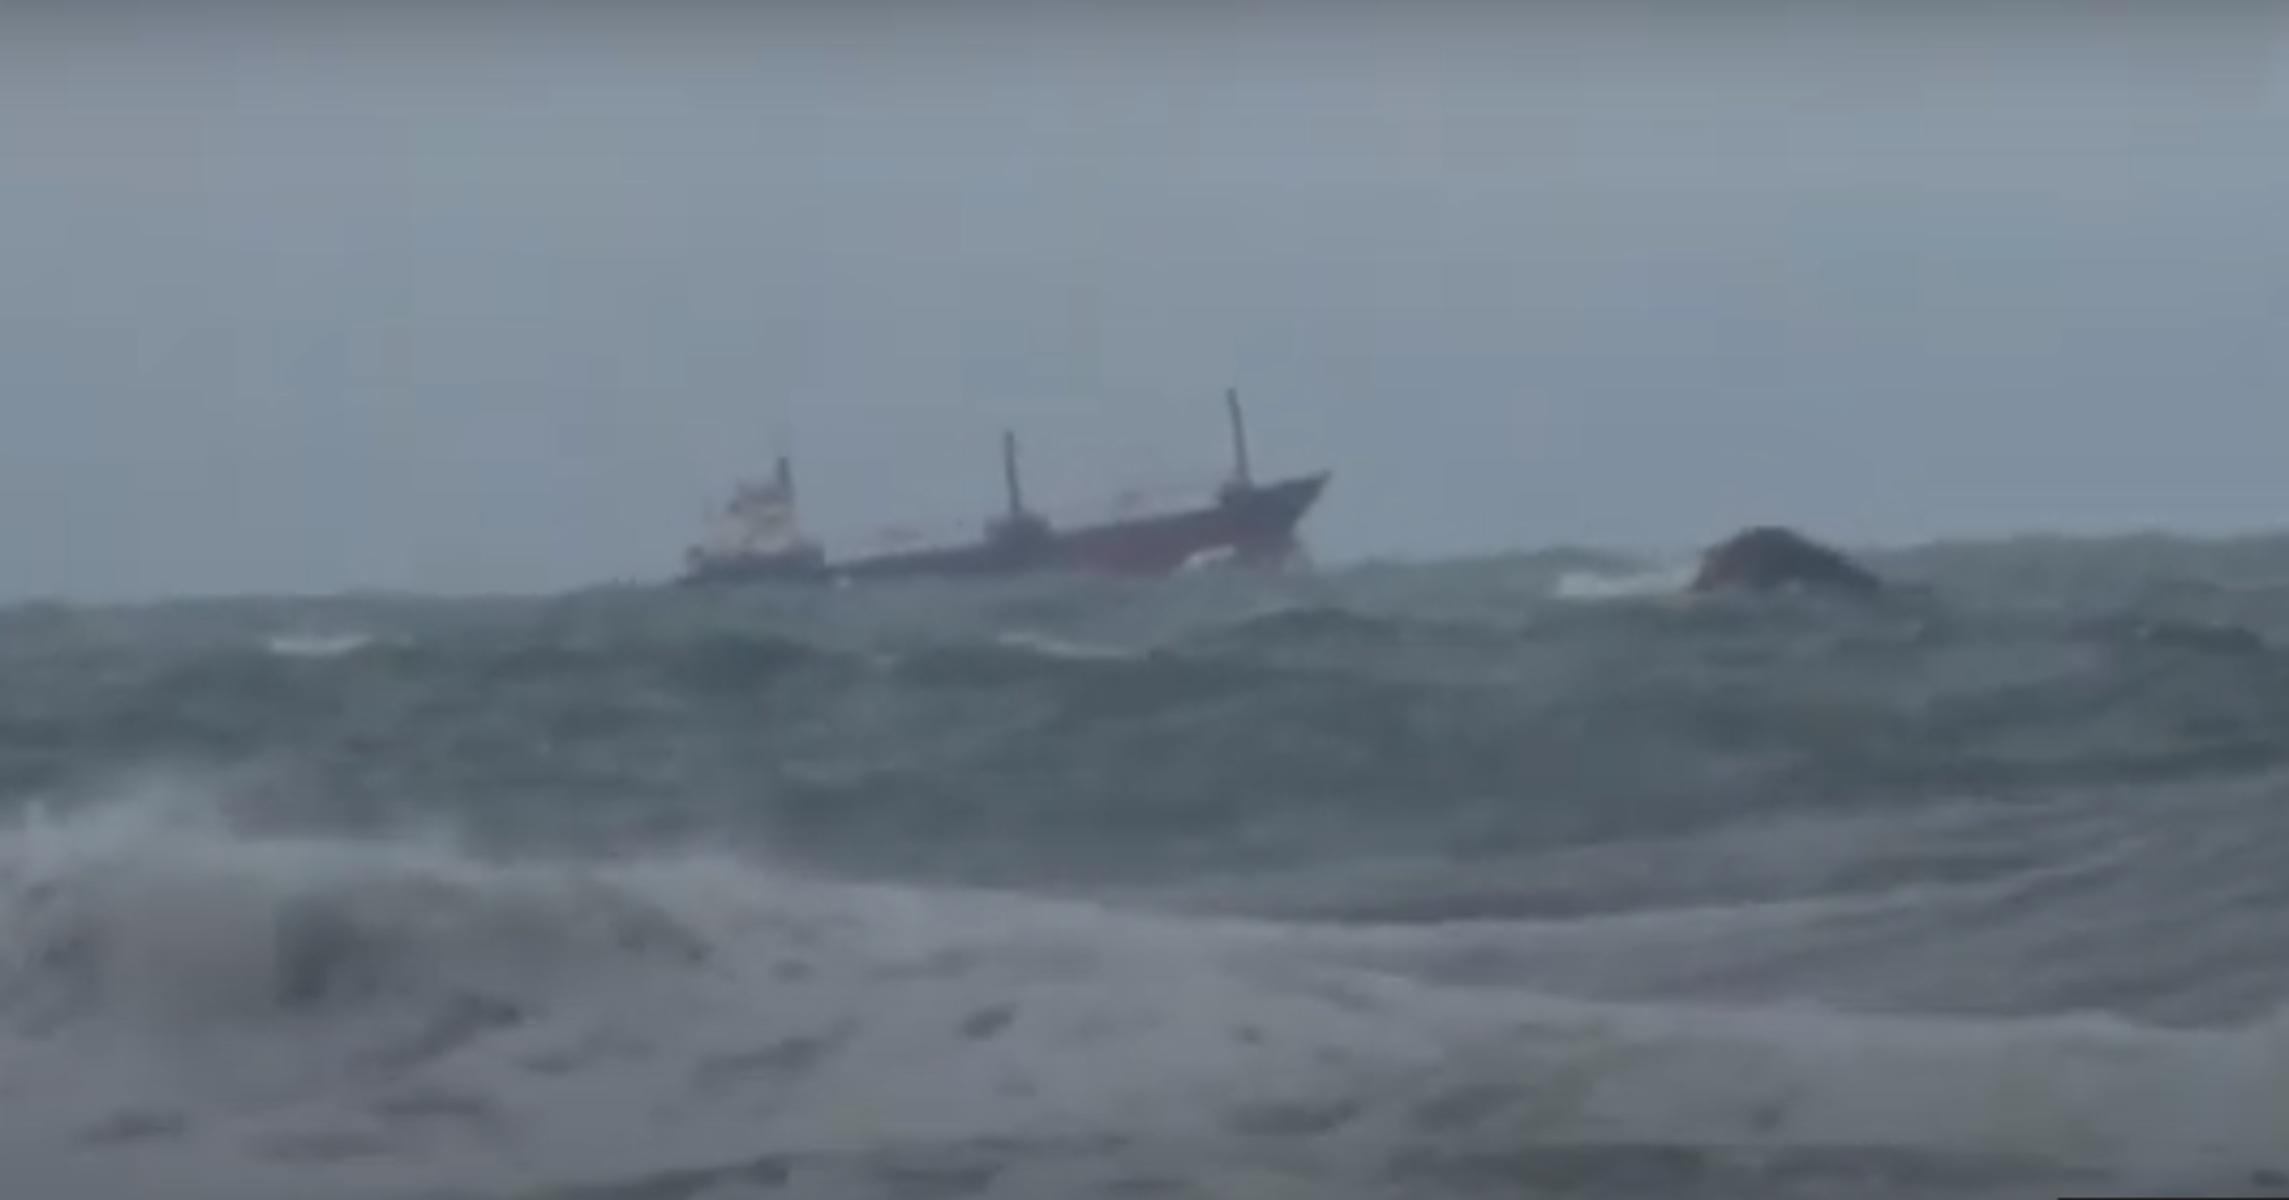 Τουρκία: Δυο νεκροί από τη βύθιση ρωσικού φορτηγού-πλοίου στη Μαύρη Θάλασσα